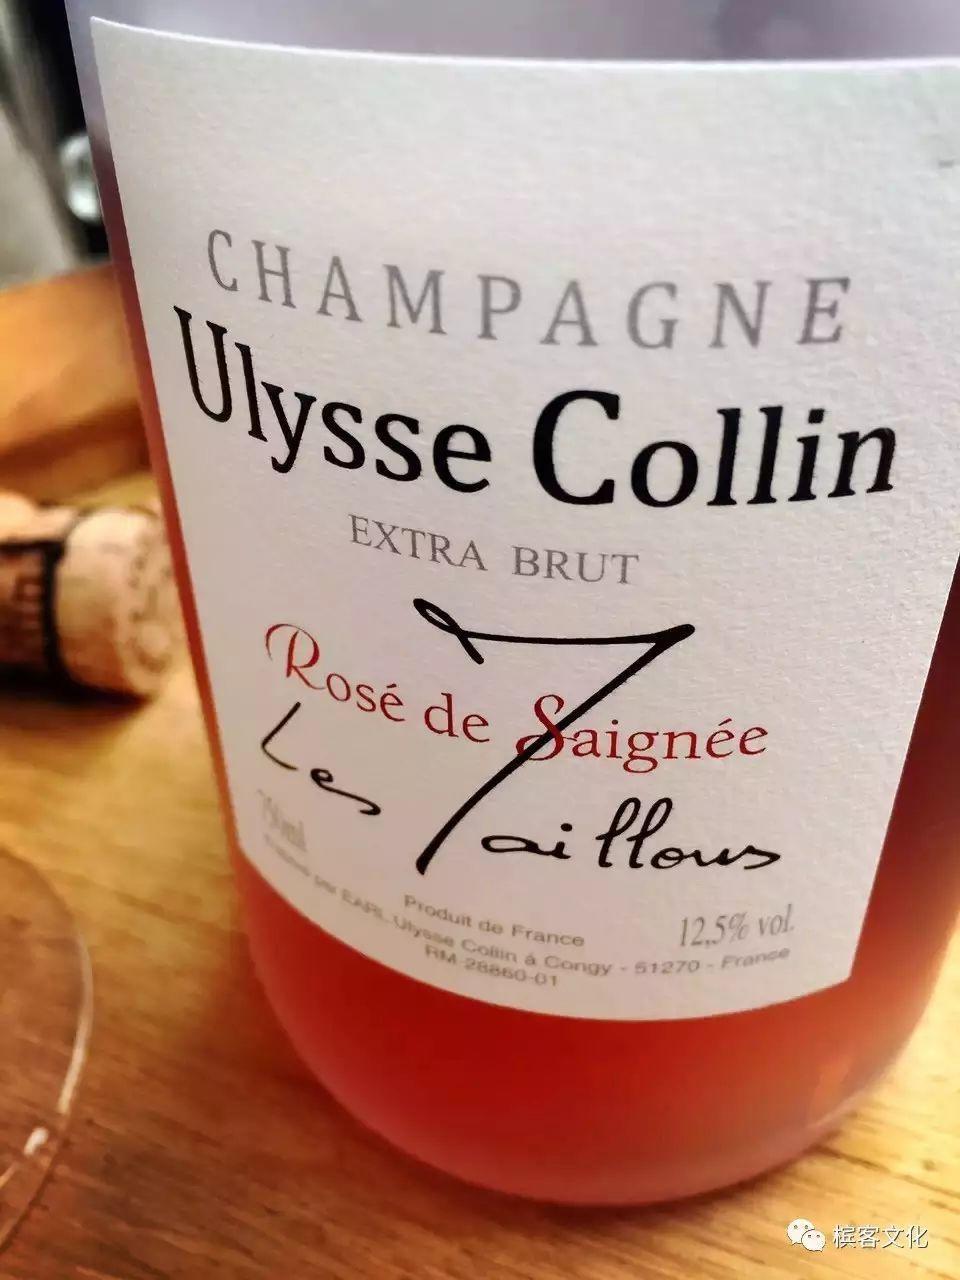 香槟酒农 I 虔诚隐士 Olivier Collin